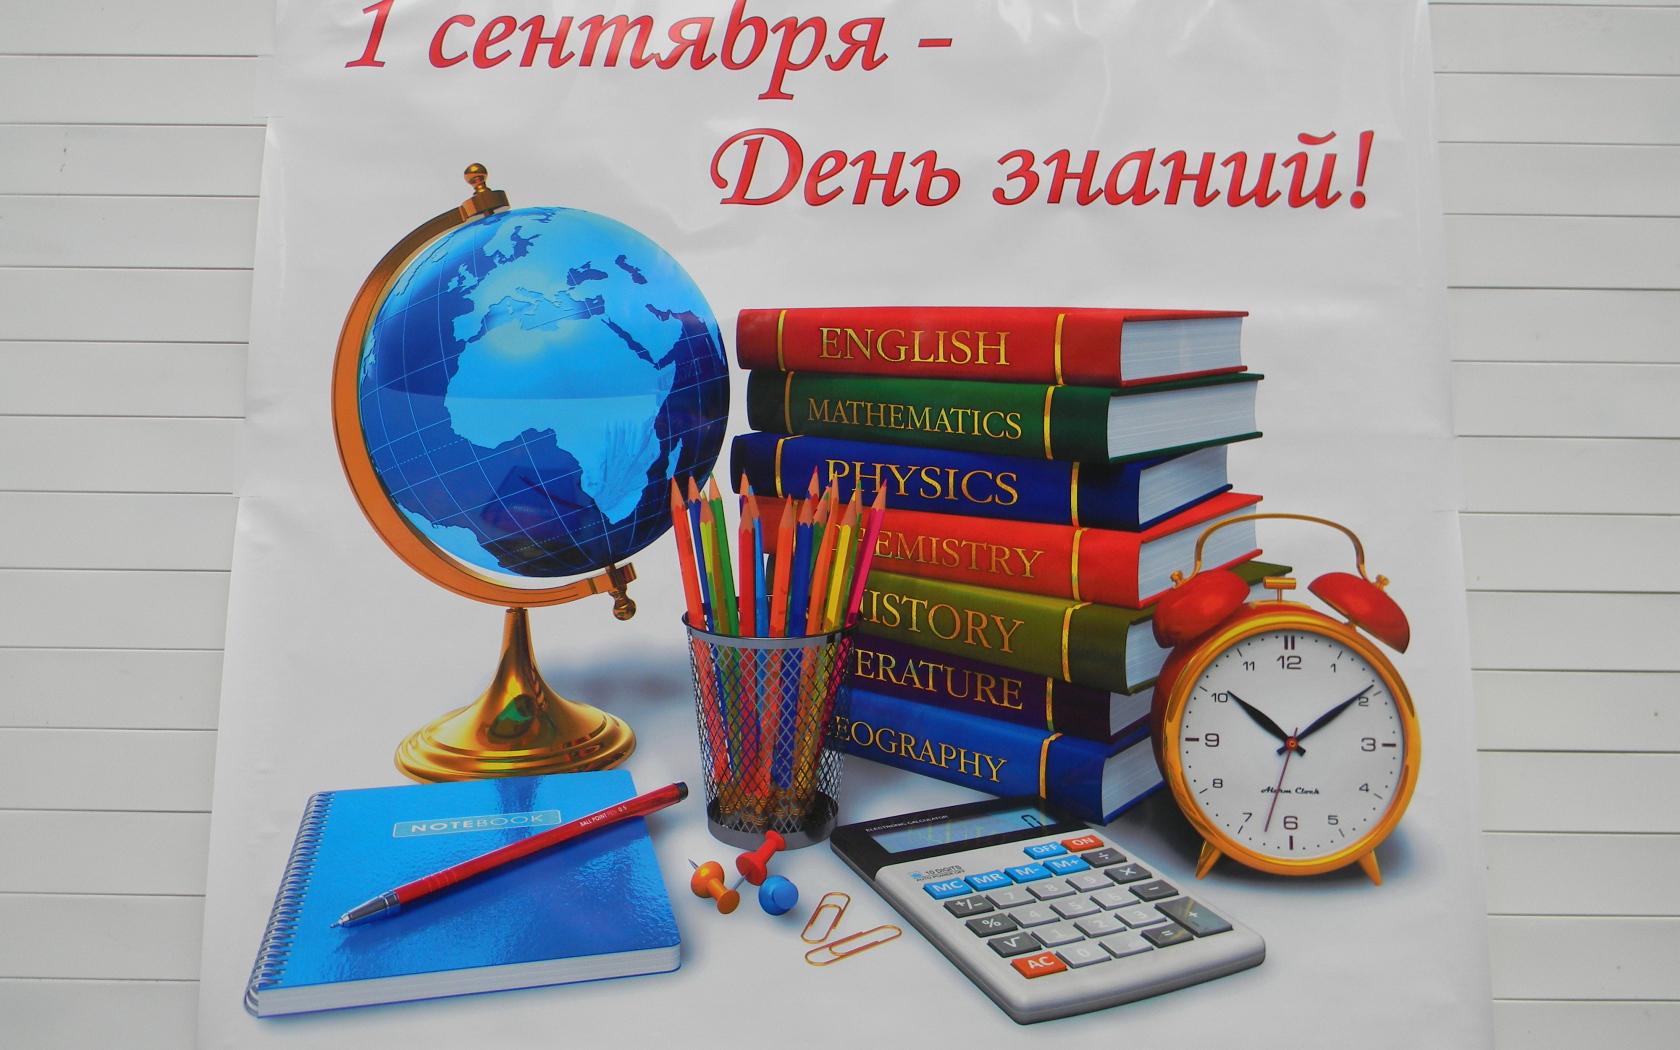 Поздравления с 1 сентября (с днем знаний) в прозе - Поздравок 34